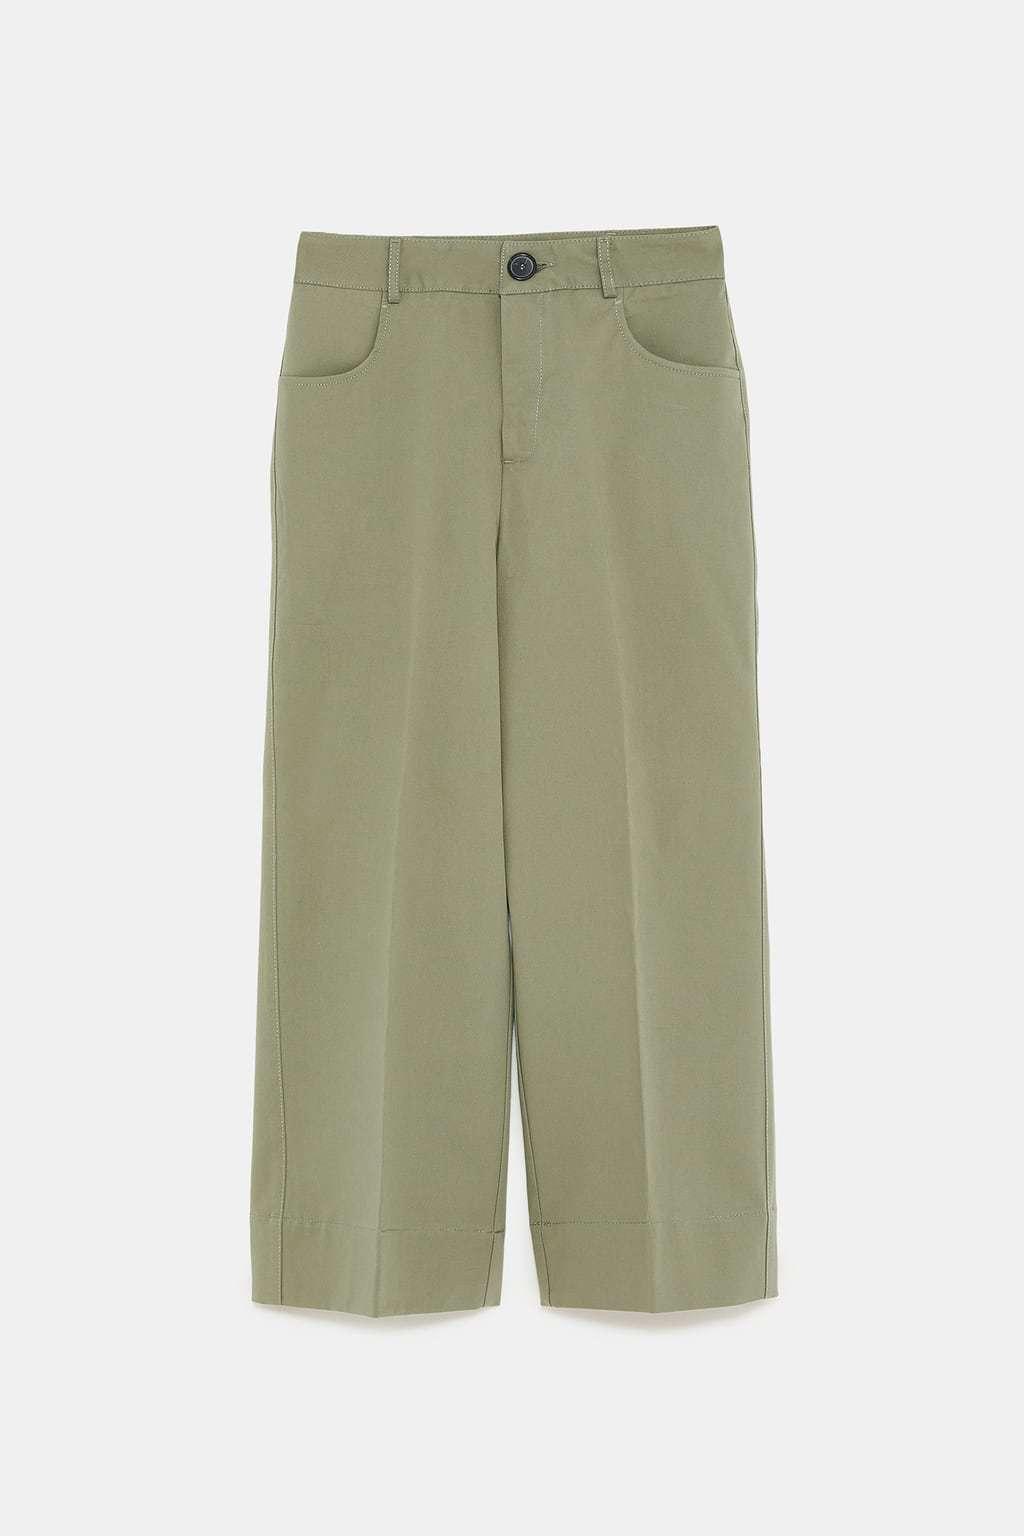 Pantalón culotte color  khaki  de tiro alto (29,95 euros).